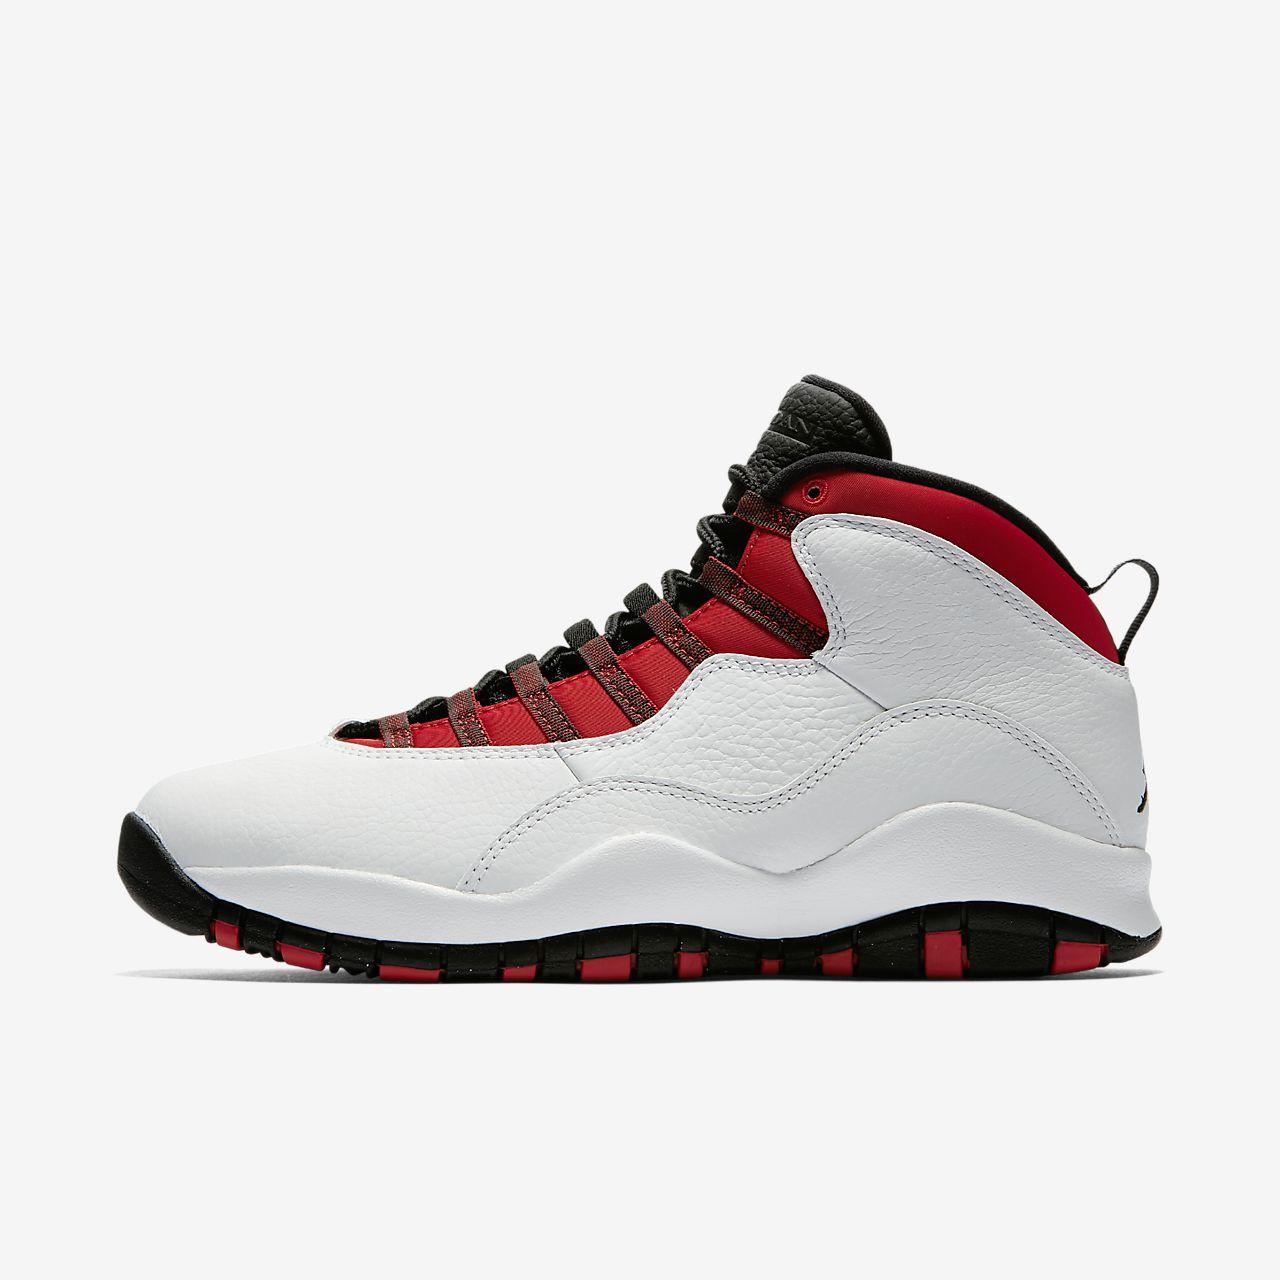 Air Jordan 10 Retro Mens Shoe